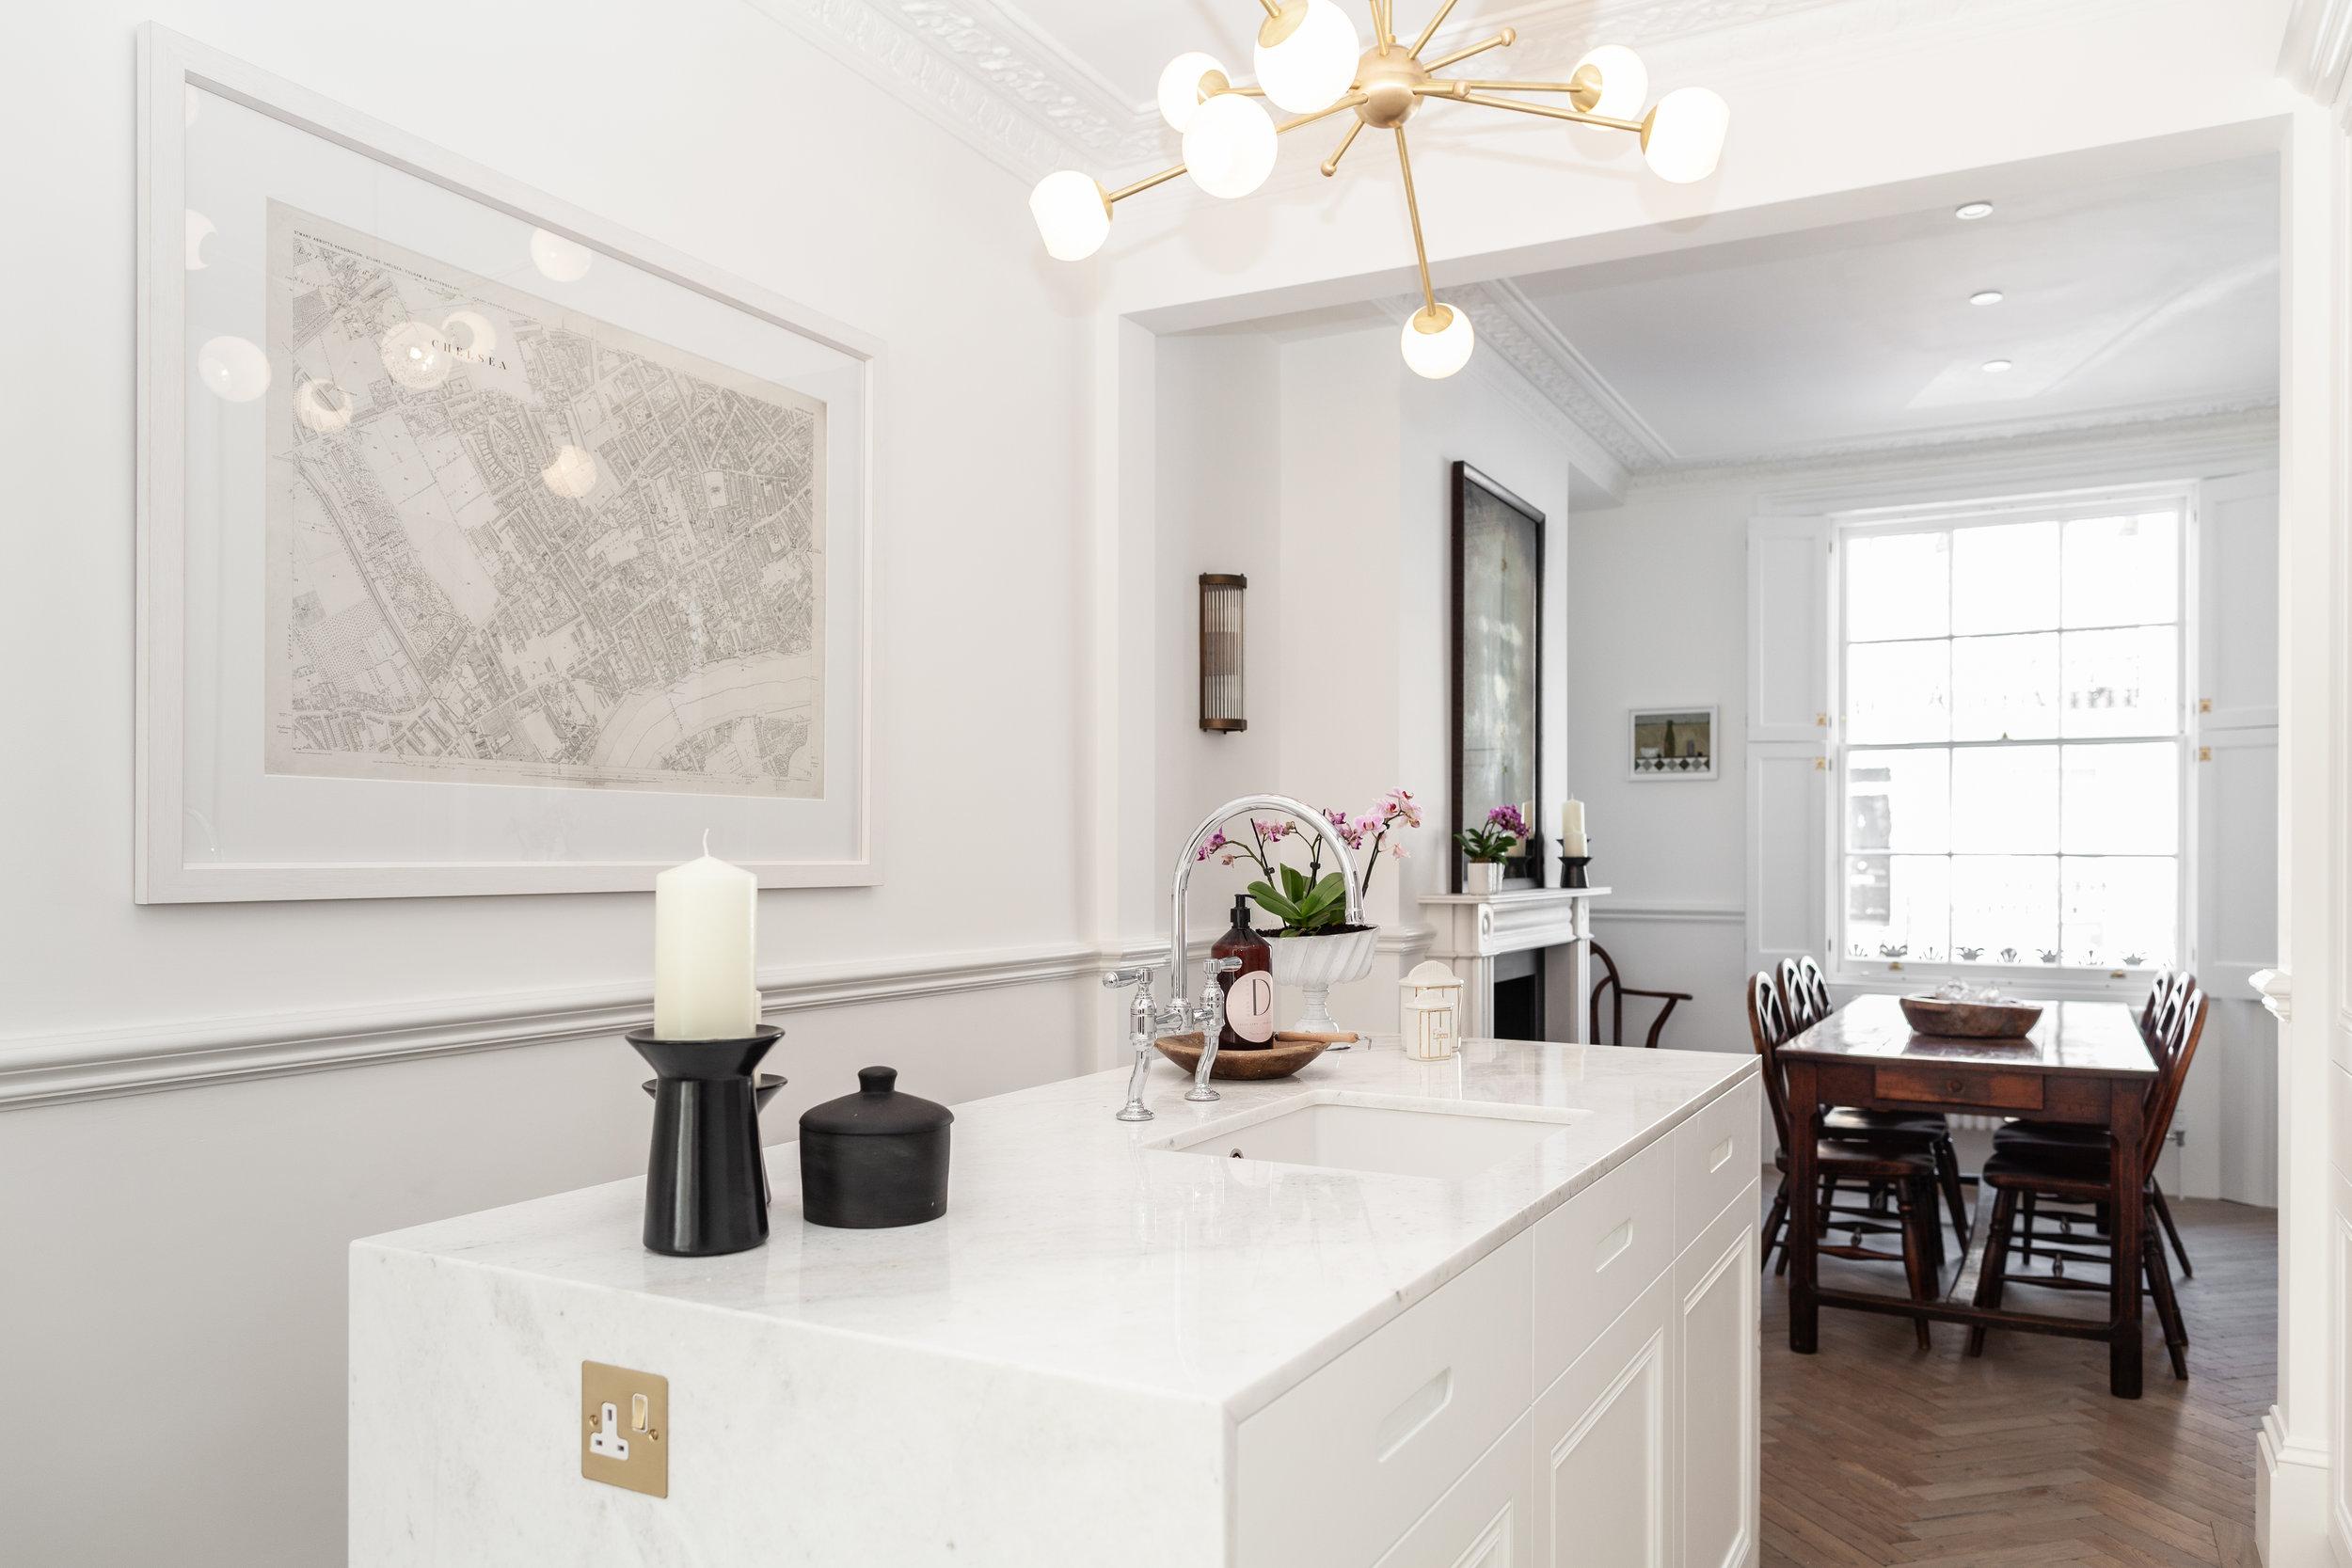 PAPER+WHITE interior designer Cambridge London